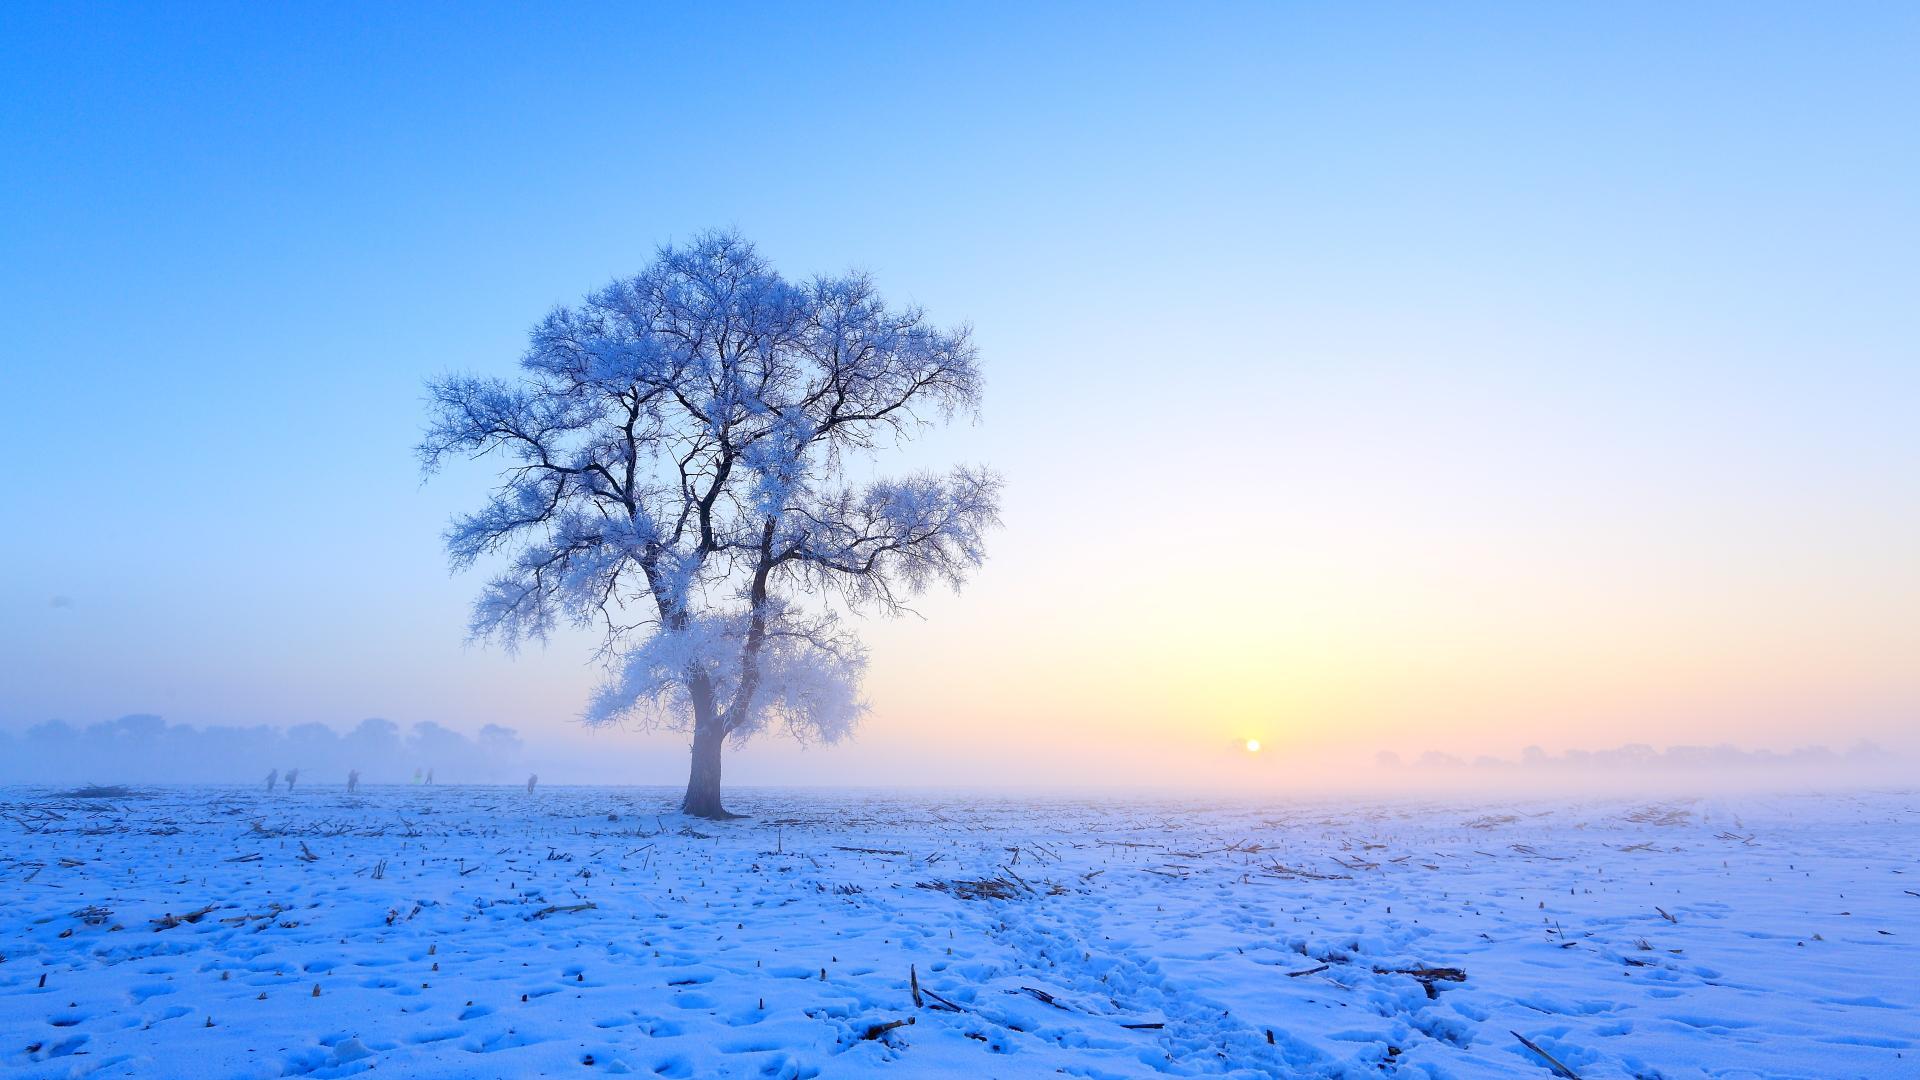 唯美雪景壁纸 高清 冬季唯美风景雪景高清桌面壁纸